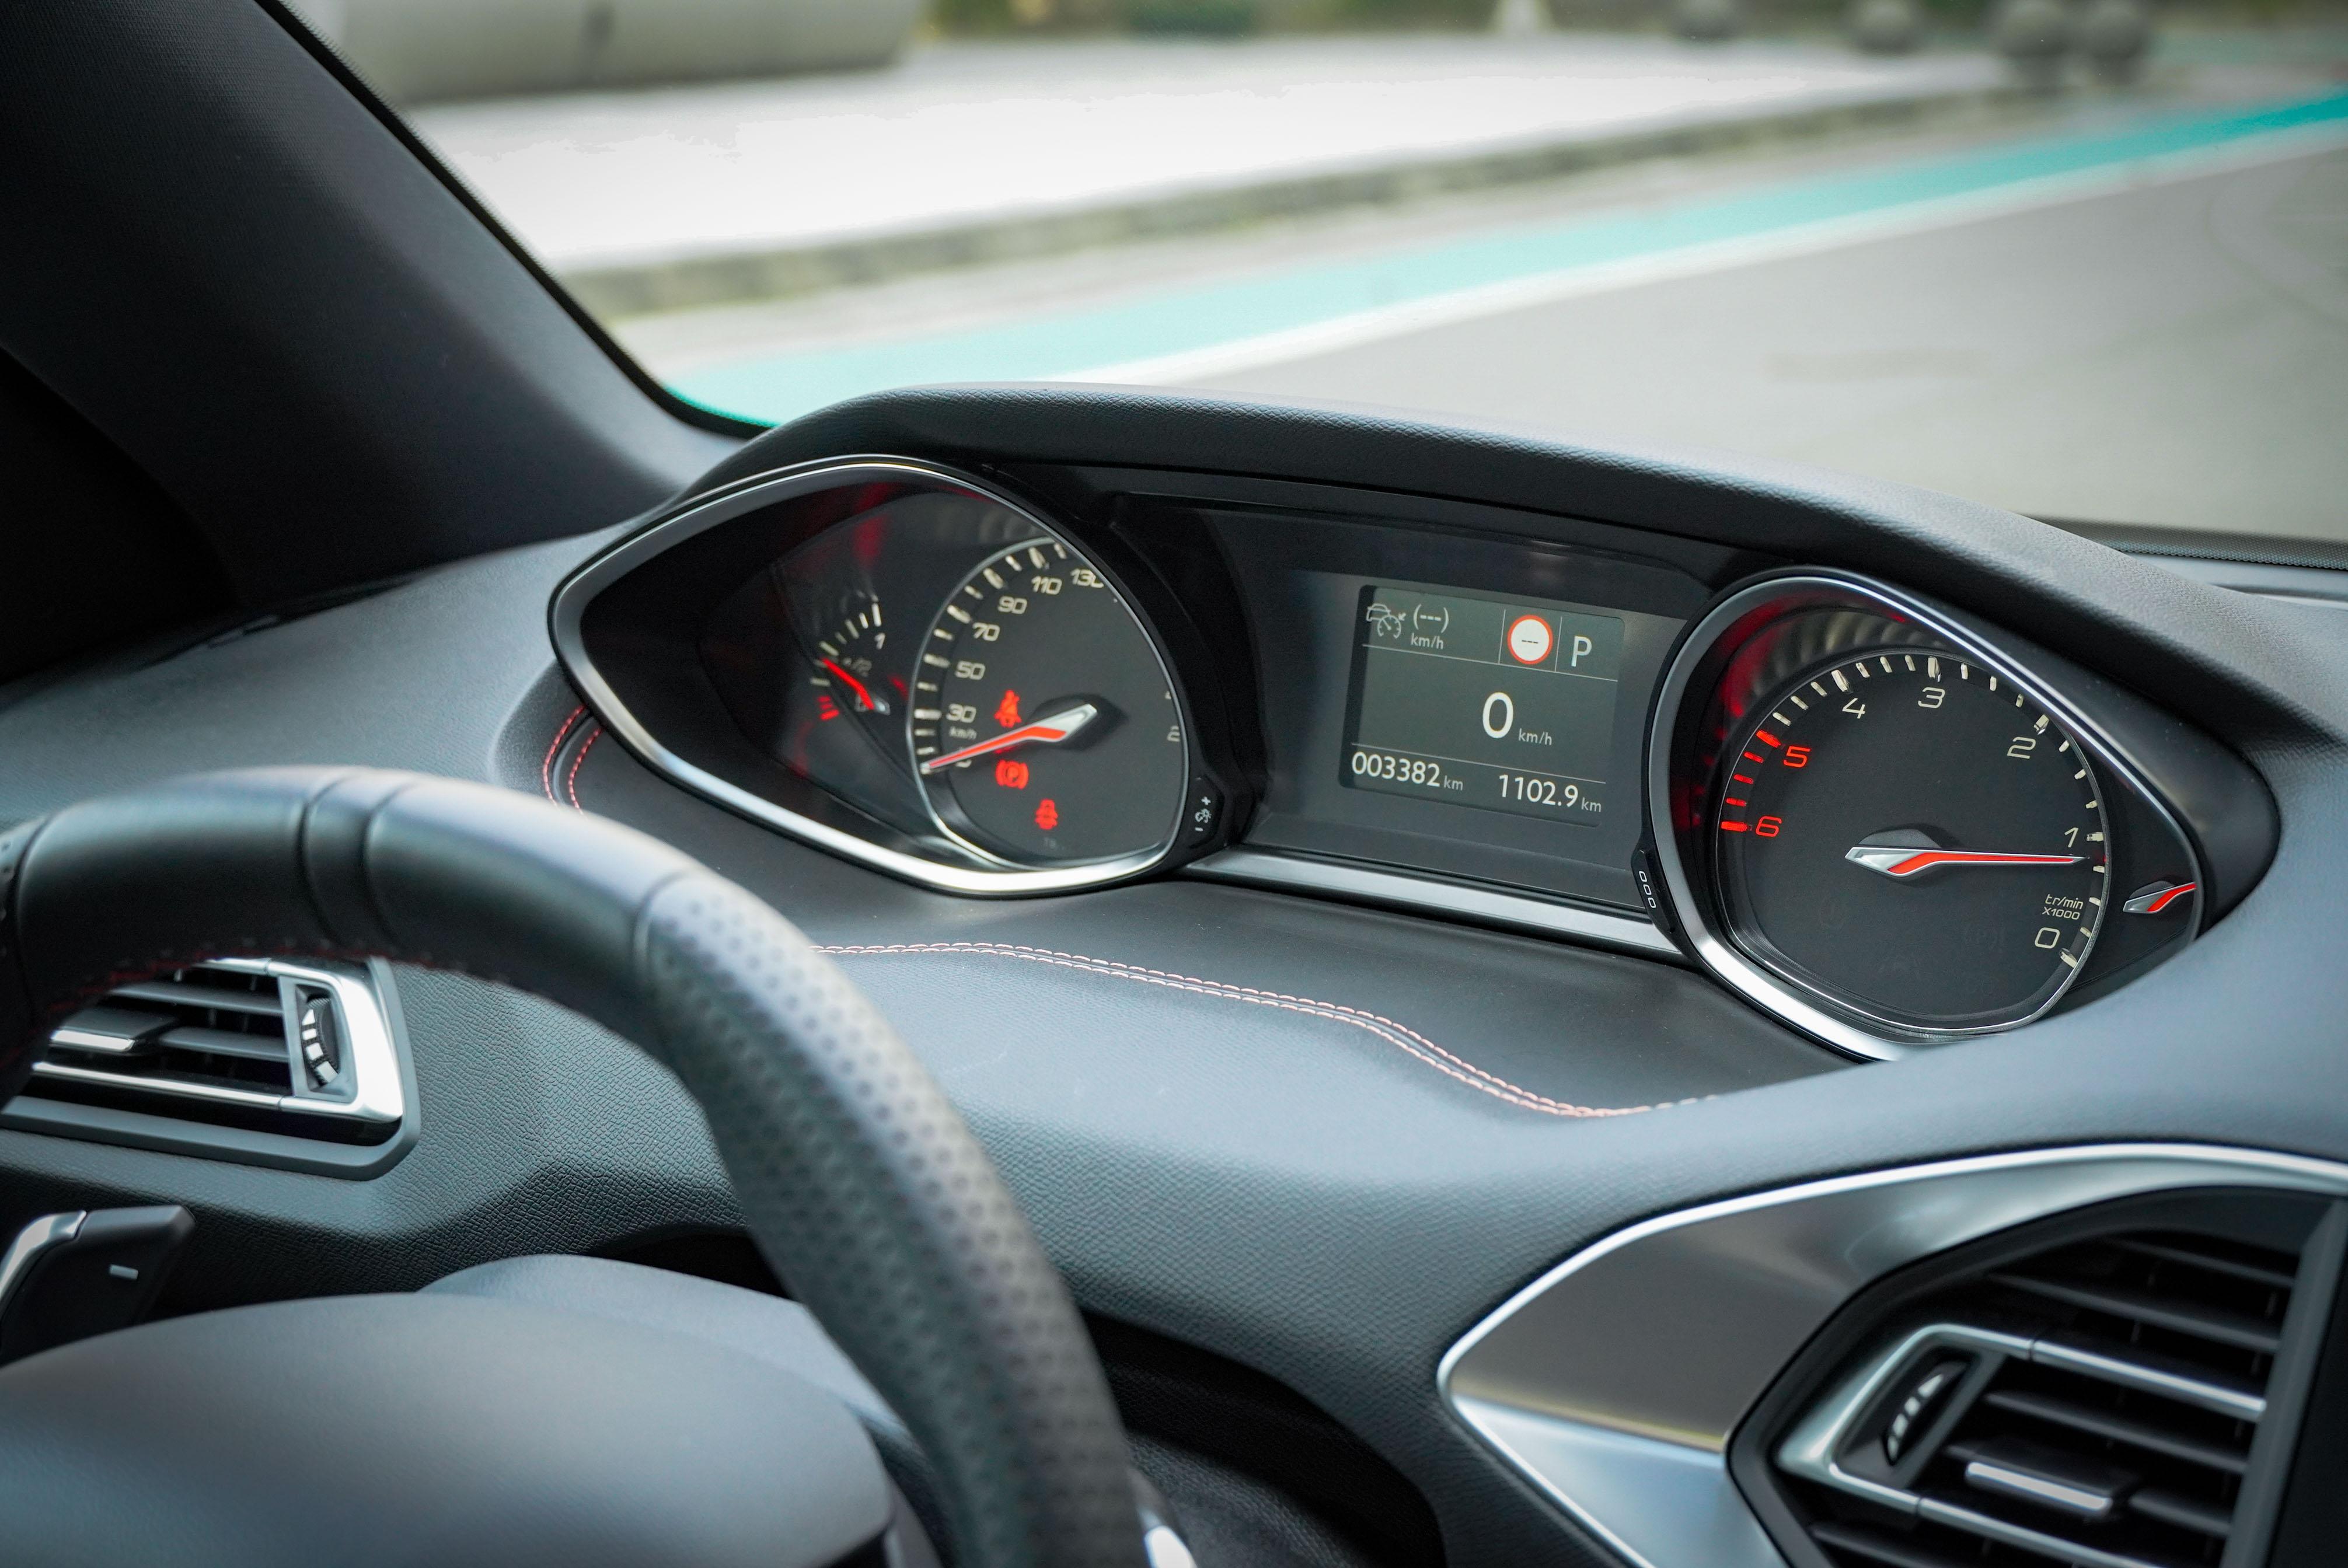 懸浮式抬頭顯示儀錶板是 Peugeot 獨特的設計。